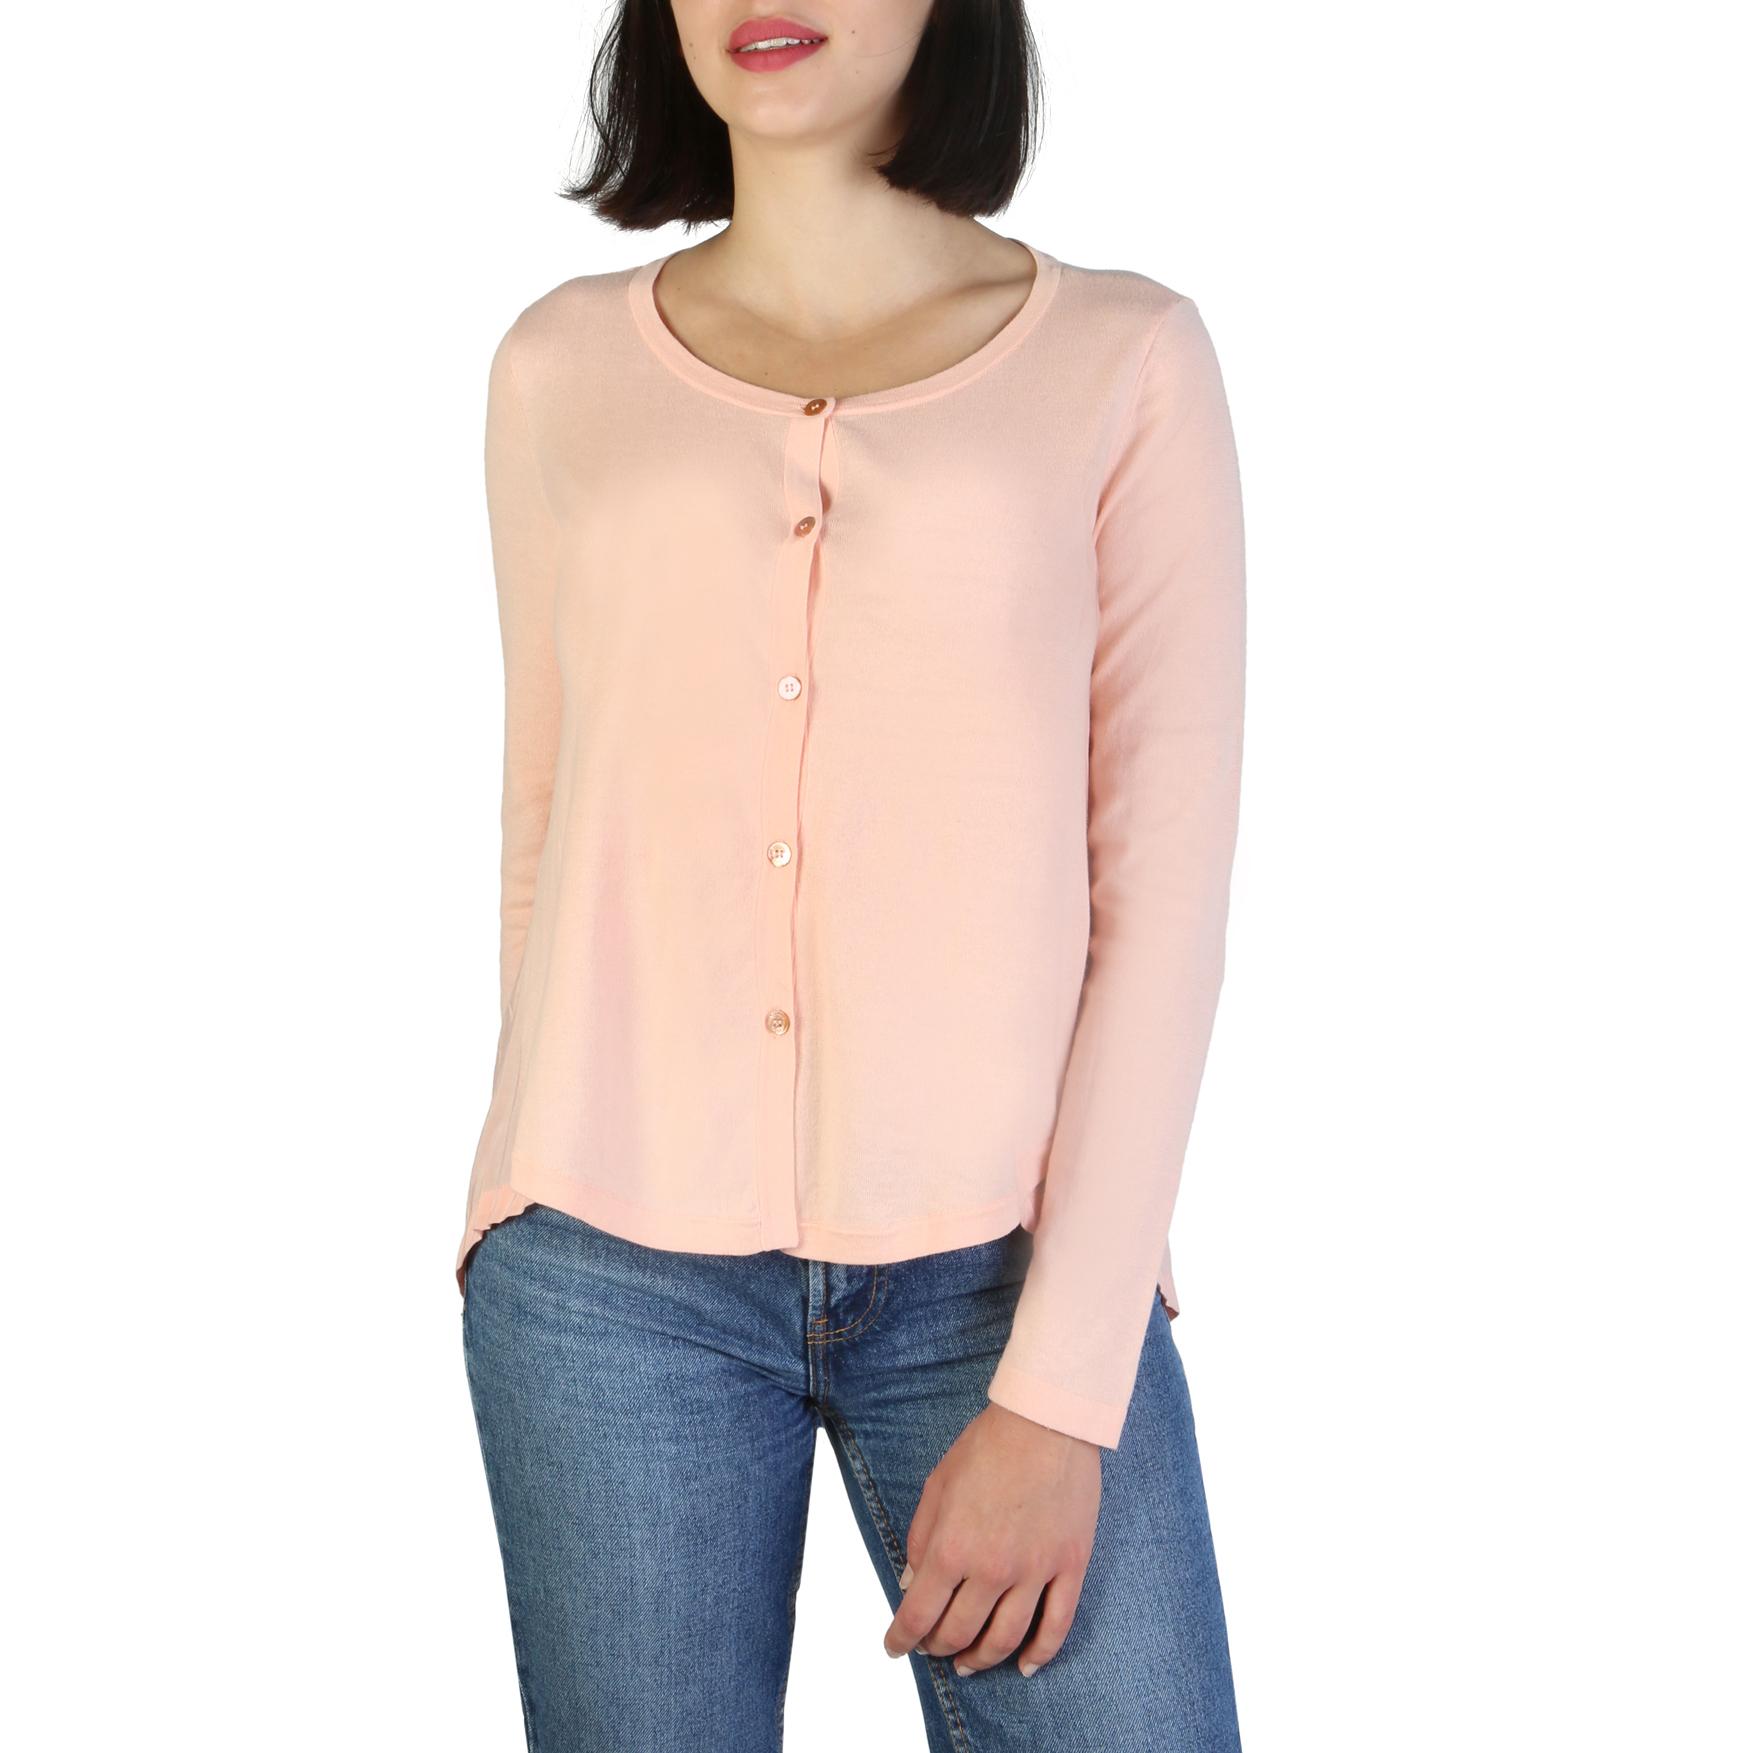 Armani Jeans C5W51_YD Donna Rosa 107842Armani Jeans